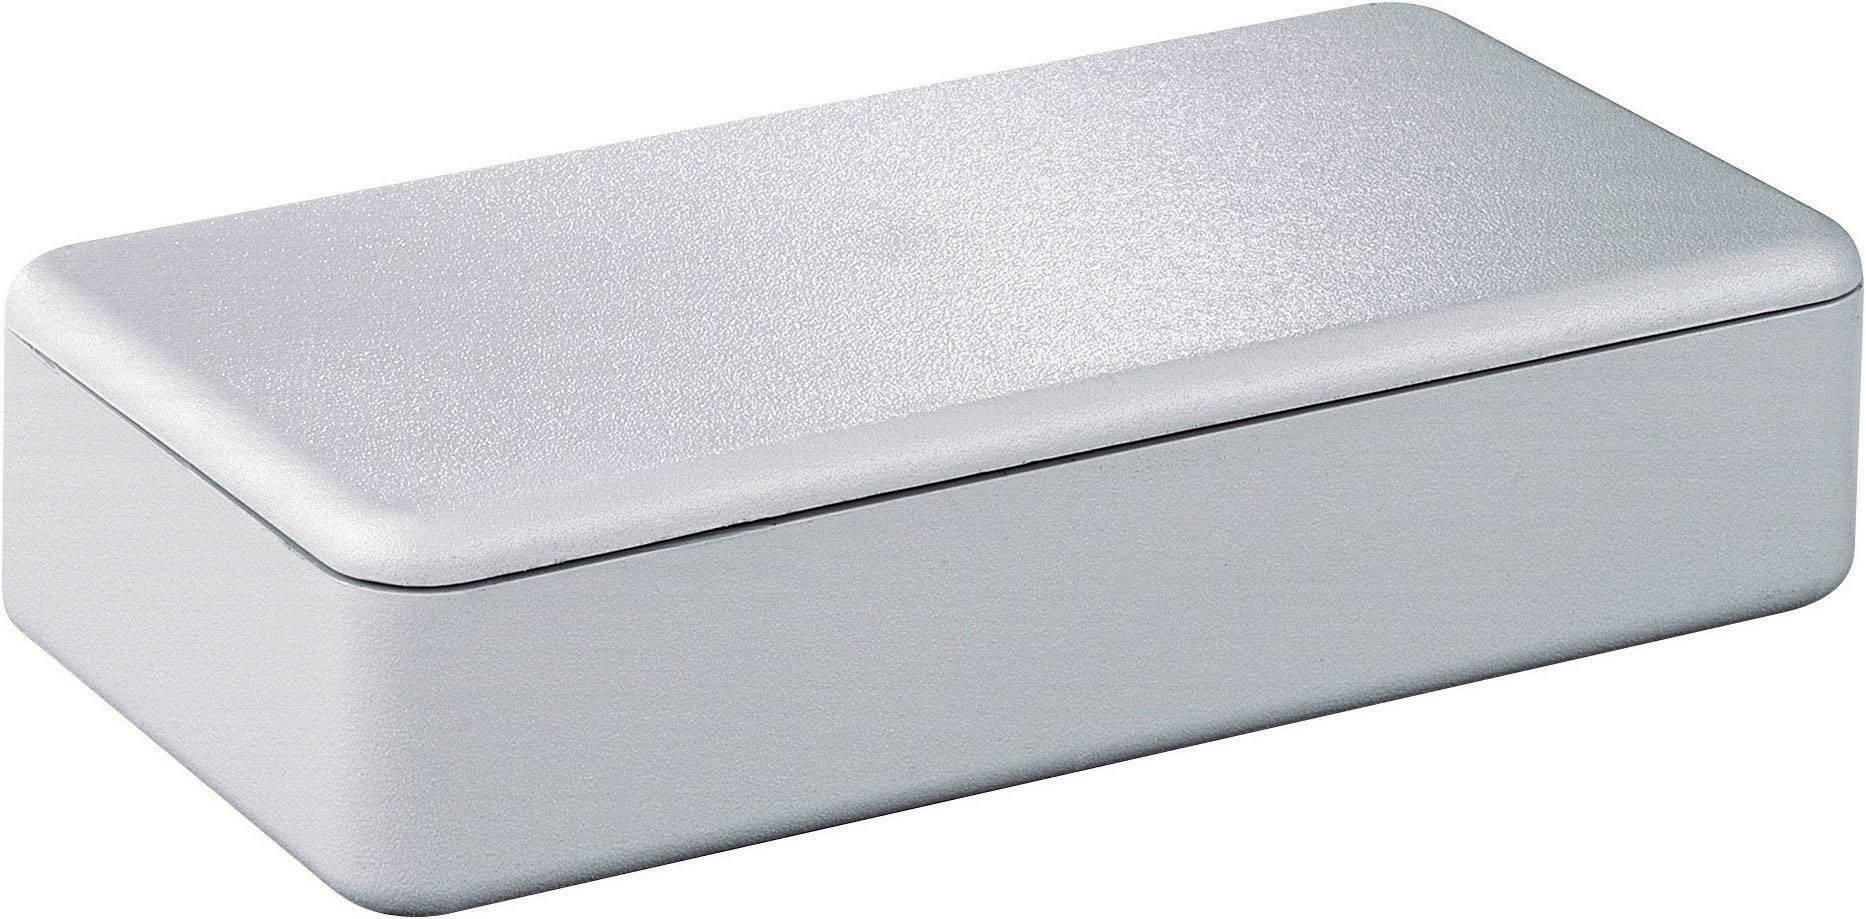 Univerzálne púzdro Strapubox 2410GR 2410GR, (d x š x v) 100 x 51 x 25 mm, ABS, sivá, 1 ks